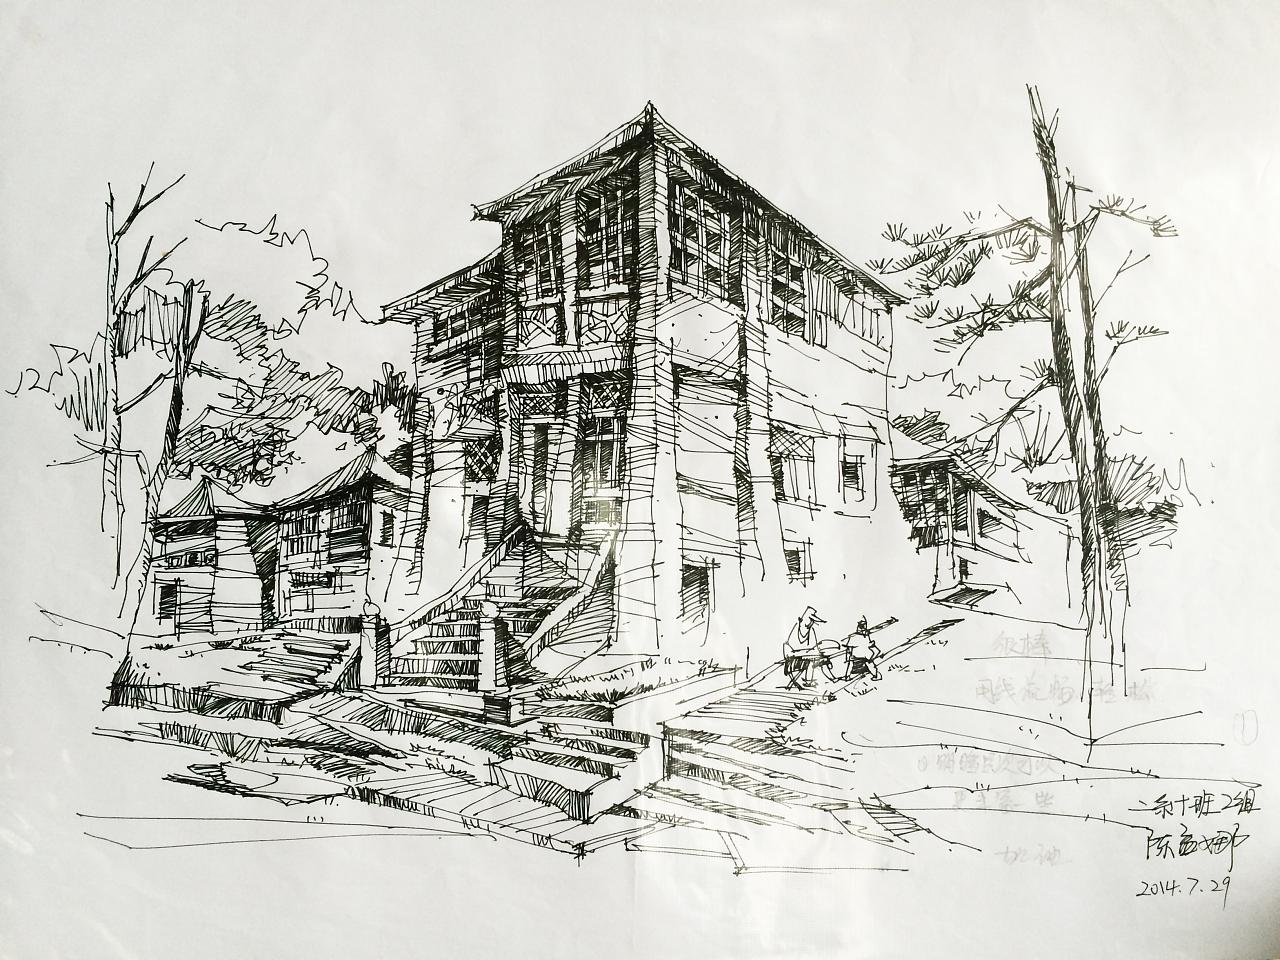 简单的建筑手绘-一点透视建筑-简单的建筑手绘高清图-园林建筑手绘